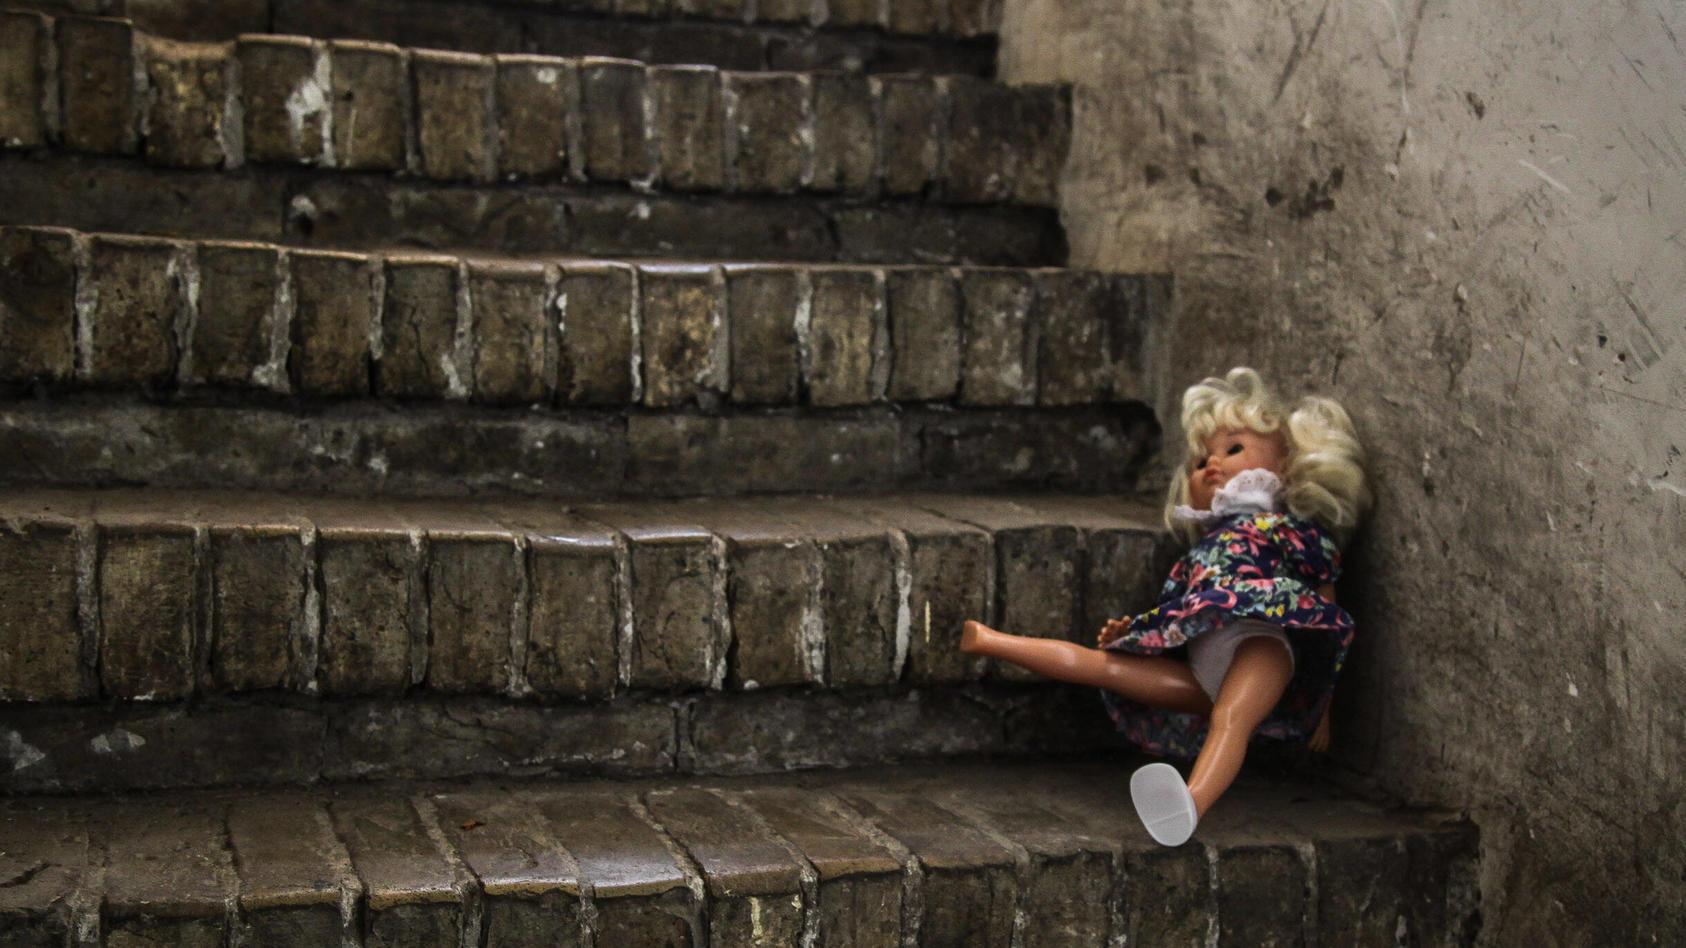 In Brasilien wurde eine Zehnjährige von ihrem Stiefvater vergewaltigt und geschwängert. (Foto: Motivbild)